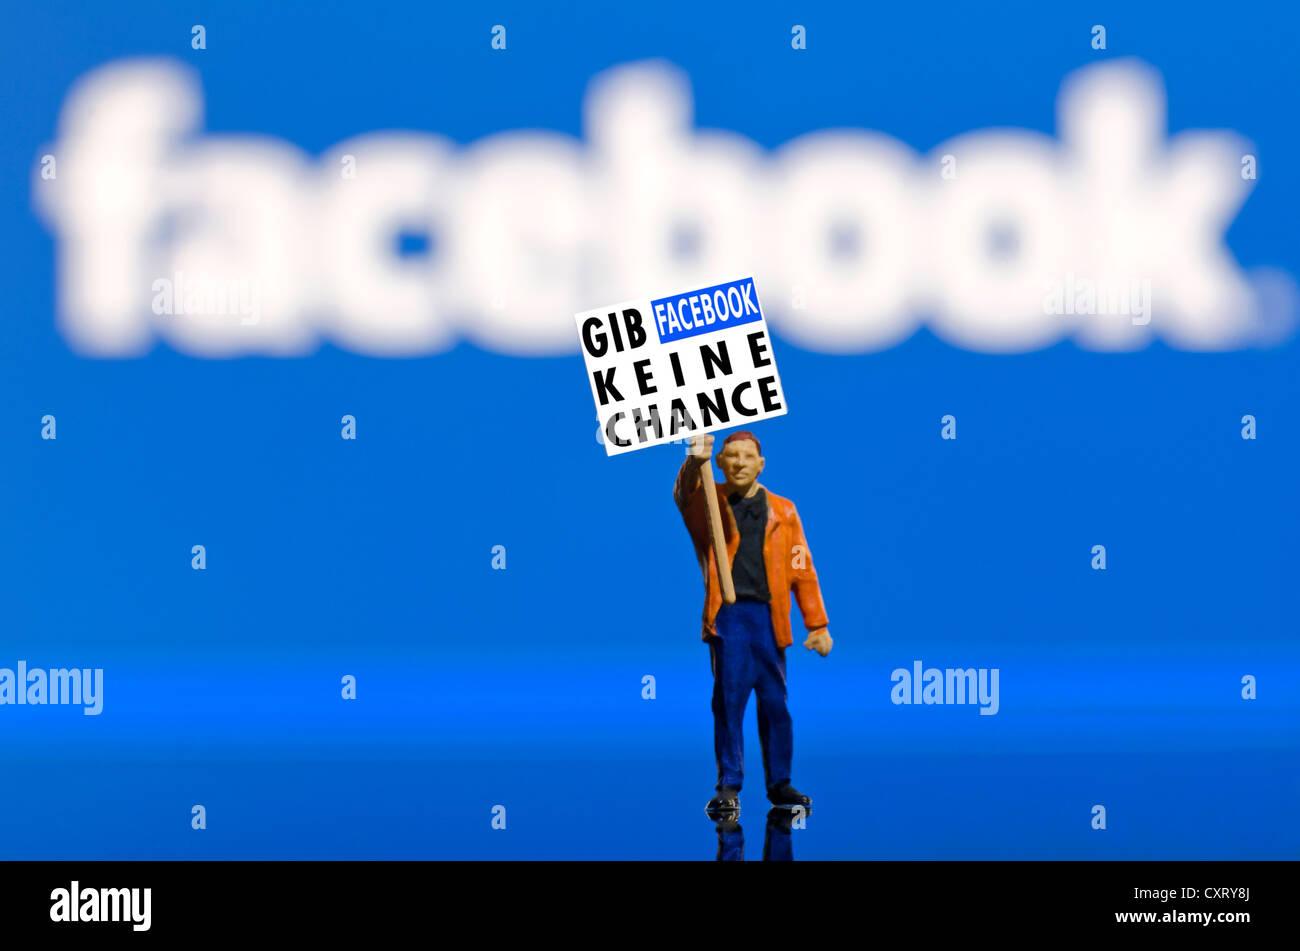 """El manifestante la celebración de una junta, rotulación """"Gib Facebook keine Chance', 'alemán Imagen De Stock"""